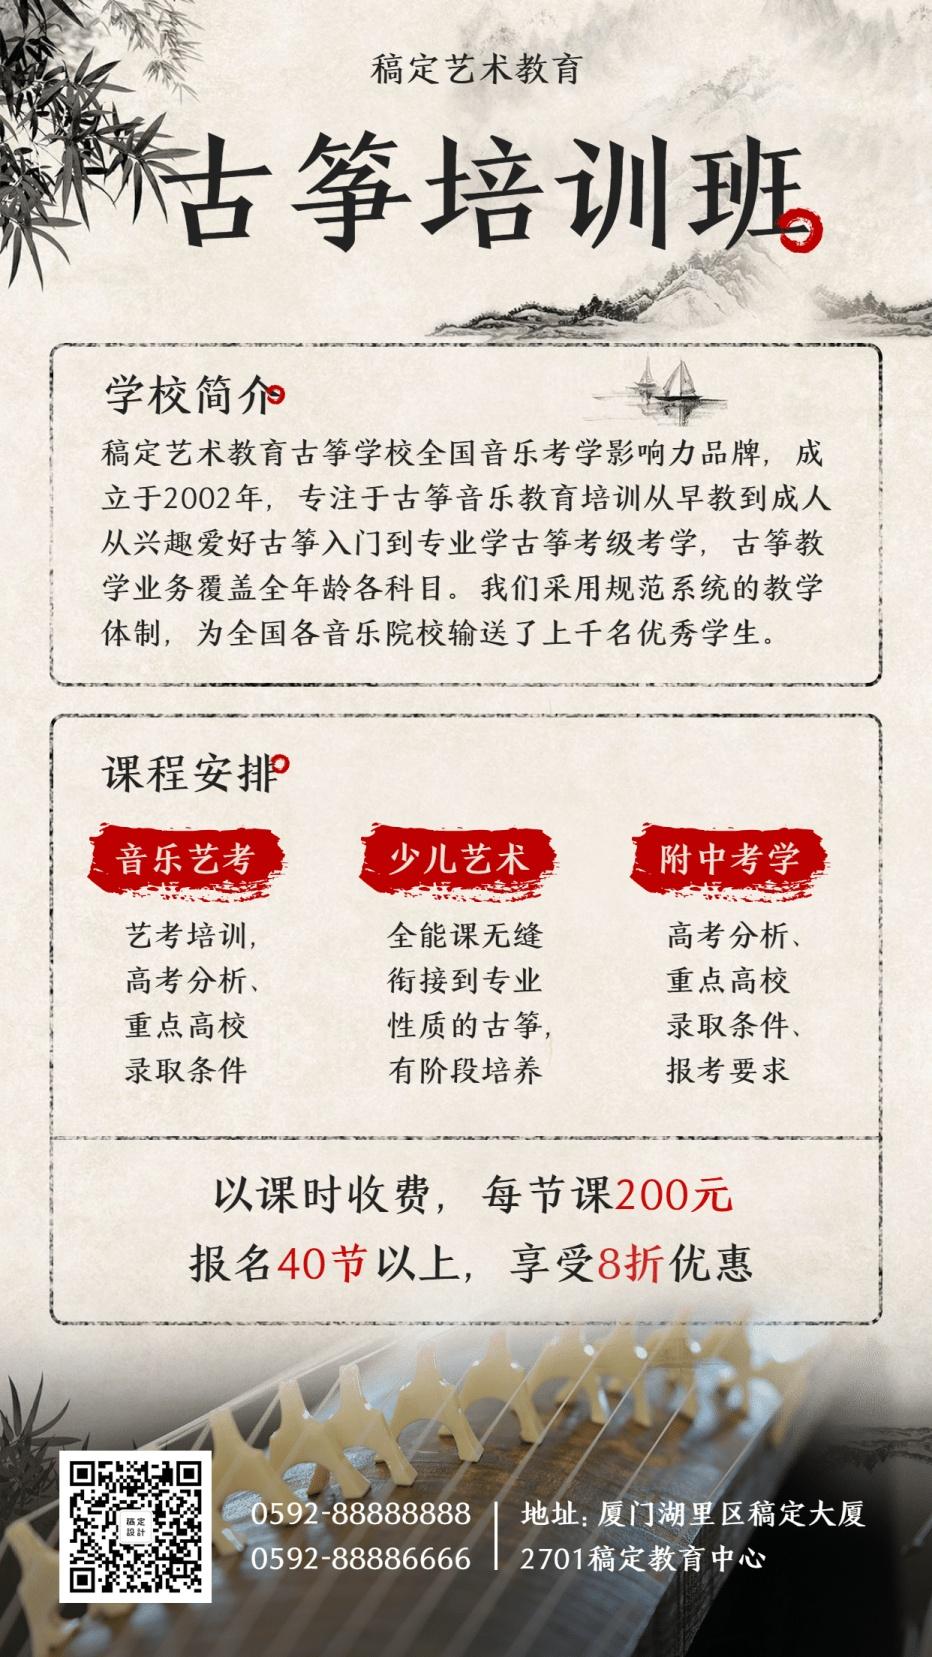 古筝培训/艺术兴趣/古风手机海报